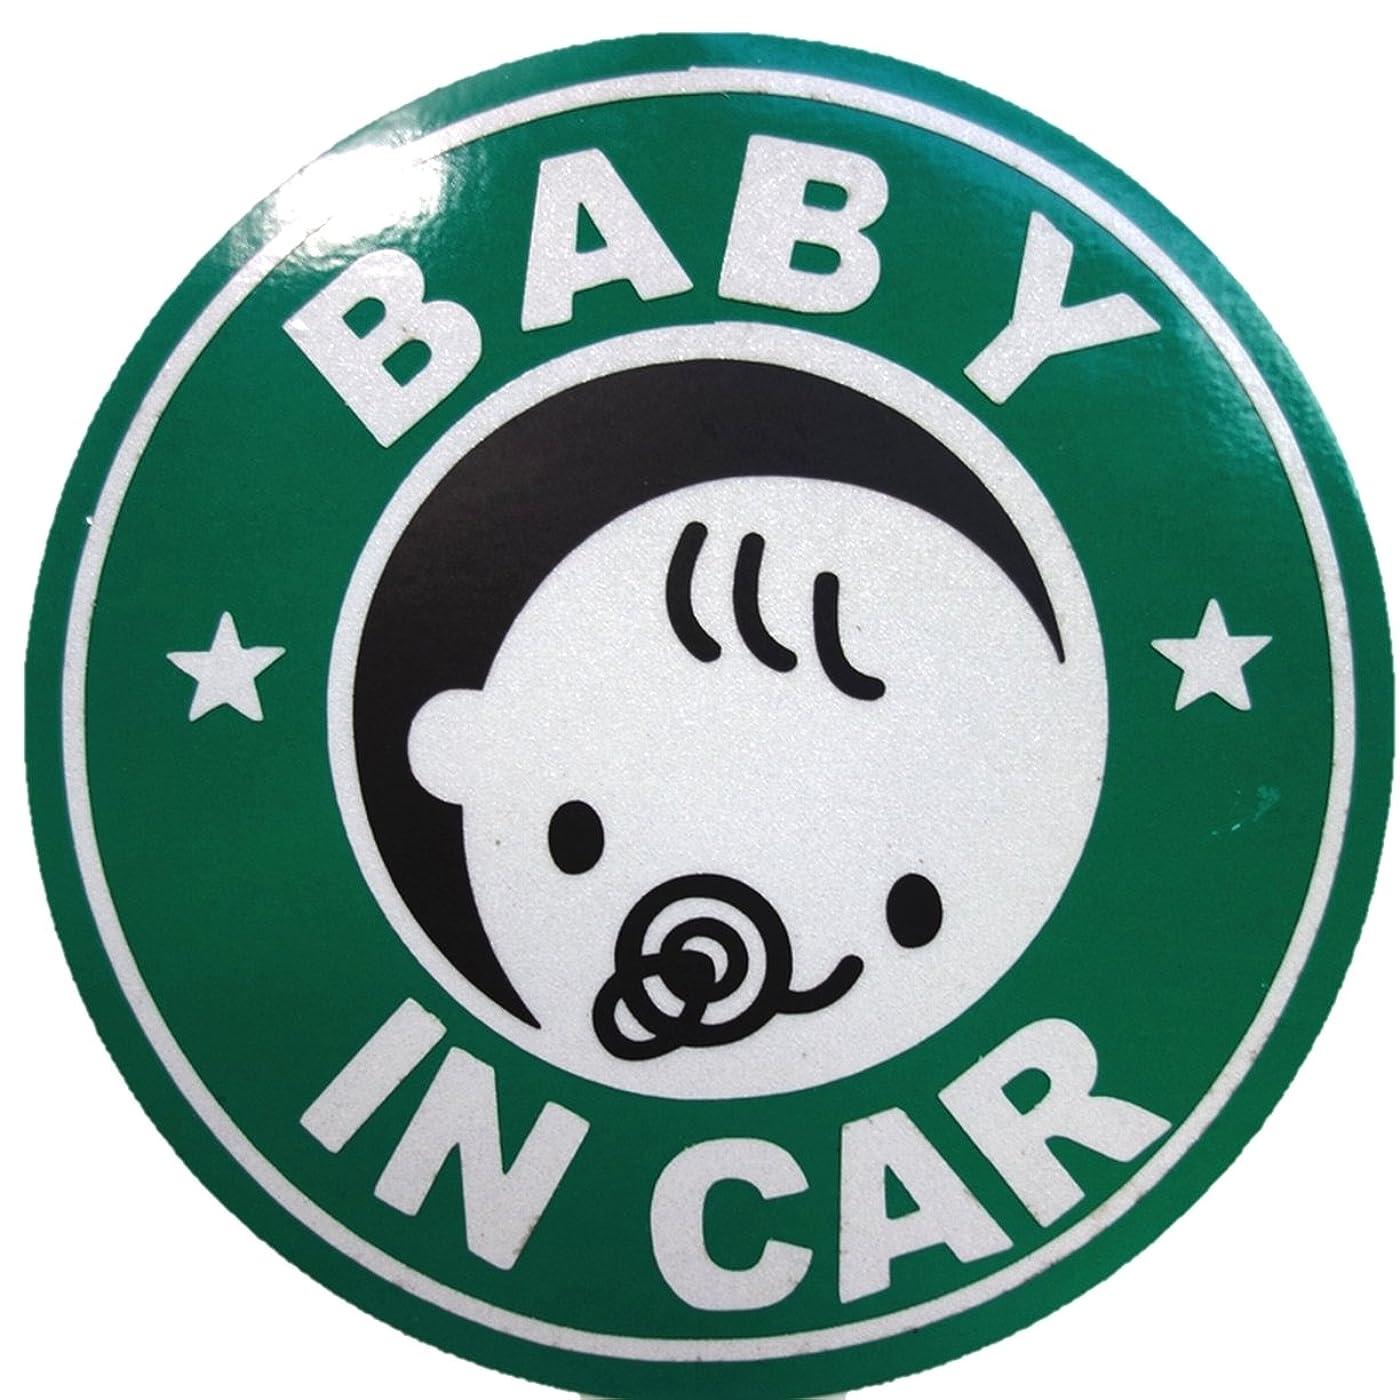 驚くべき取る重さBABY IN CAR 赤ちゃん 乗車中 ( 16cm マグネット ステッカー グリーン )